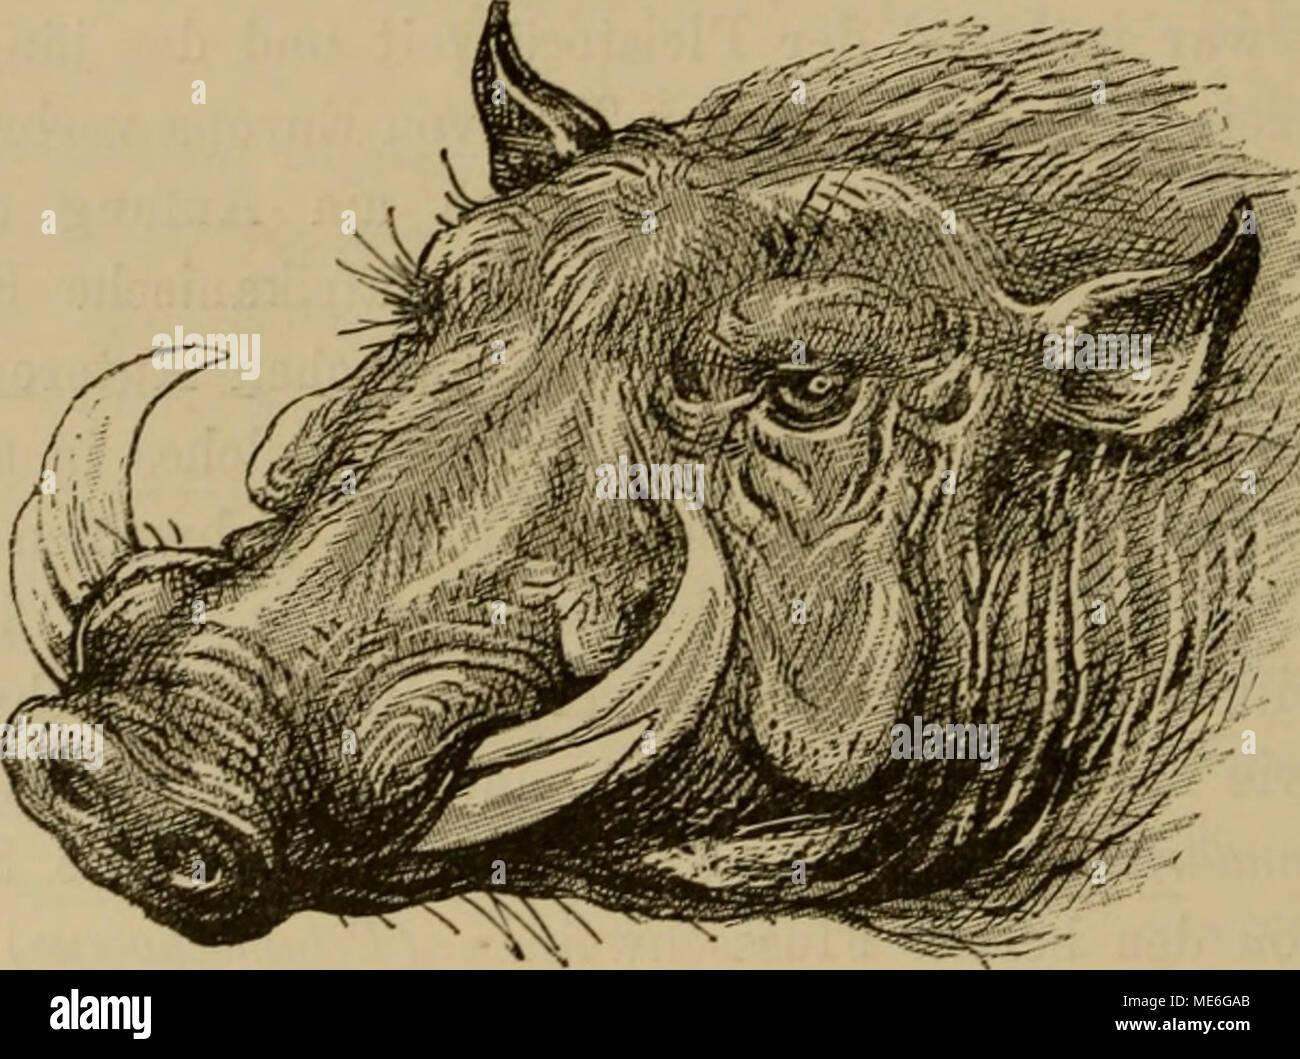 . Die geographische Verbreitung und geologische Entwickelung der Säugetiere . Flg. r»»;. Kopf eines Warzenachweing (Phacochoerui aelhiopicus). aus den gewöhnlichen Schweinen entwickelt haben. Wilde Kamele sind in der Region unbekannt, dagegen sind die Tragulidae in Westafrika durch das Wasserzwergmoschus- tier vertreten. Es ist die einzige lebende Art der Gattung Dorcatherhim, von der fossile Arten im indischen Pliocän und im europäischen Miocän vorkommen. Die Vorfahren der Art sind vermutlich von Indien her in die Region eingedrungen. Die zweite Familie von Huftieren, die jetzt auf Aethiopien - Stock Image